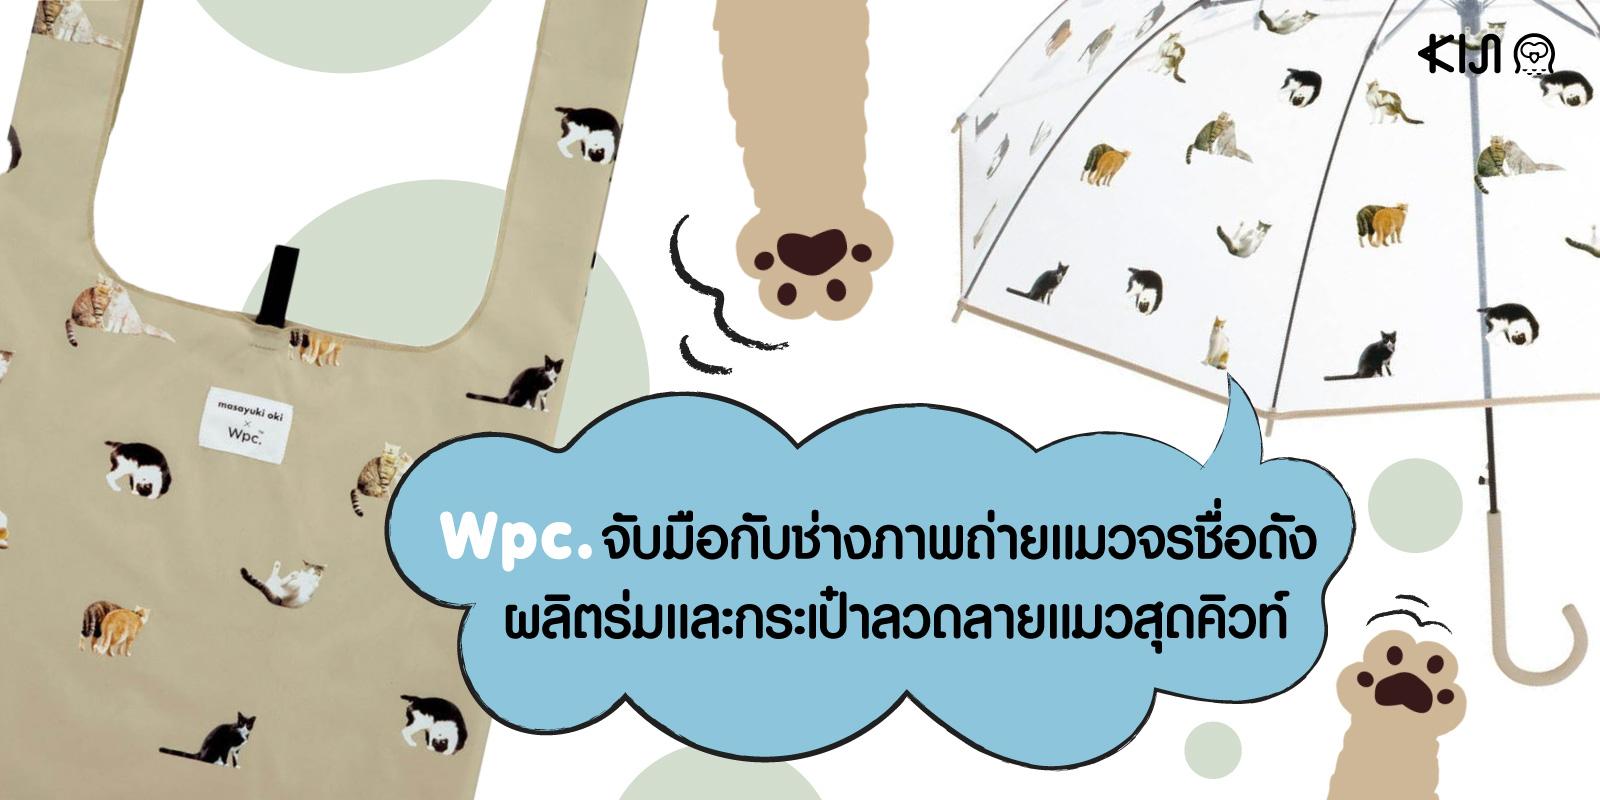 Wpc. จับมือกับช่างภาพถ่ายแมวจรชื่อดังออกแบบ สินค้า ลายแมว สุดคิวท์